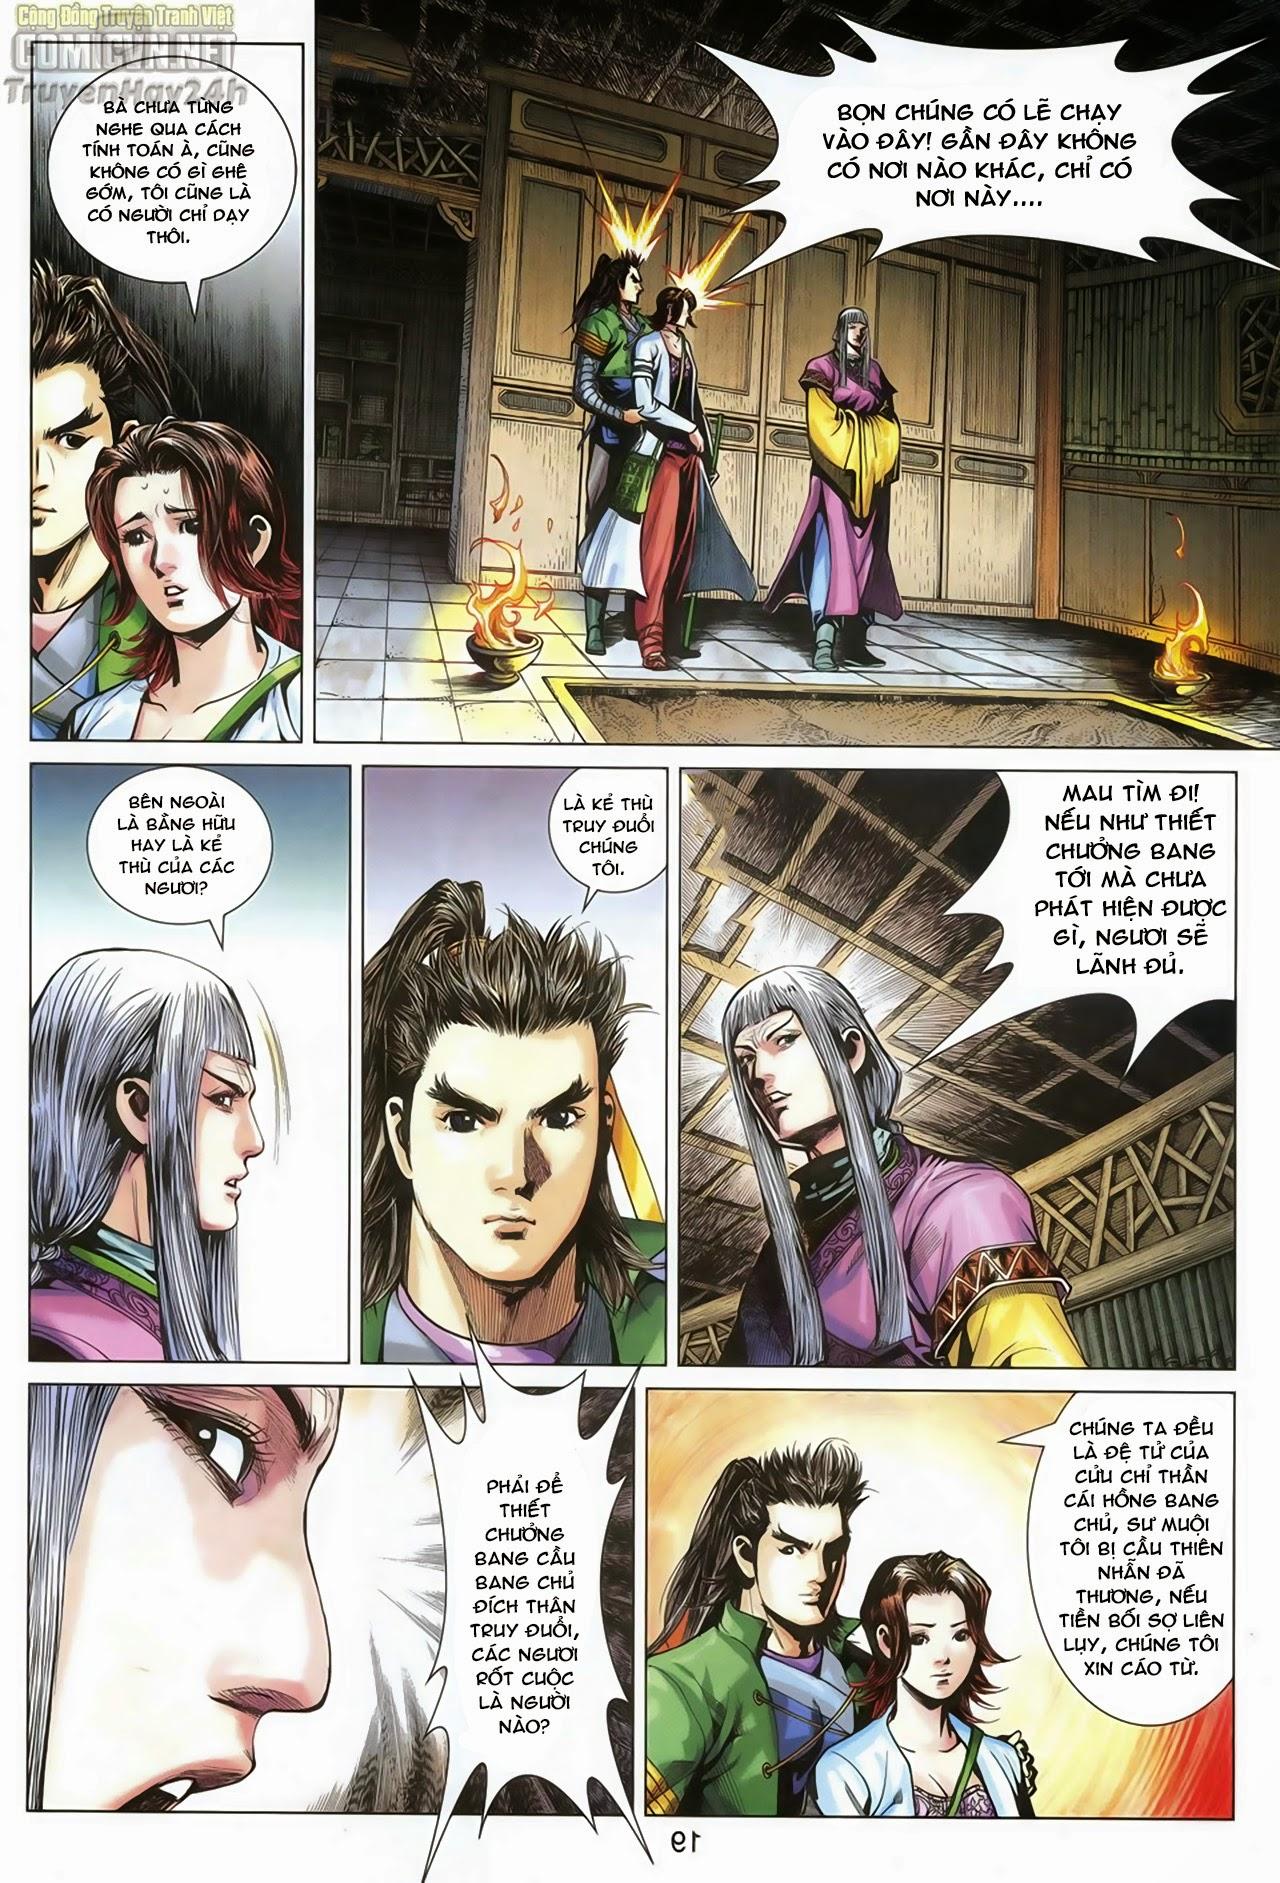 Anh Hùng Xạ Điêu anh hùng xạ đêu chap 70: hắc chiểu ẩn nữ trang 20